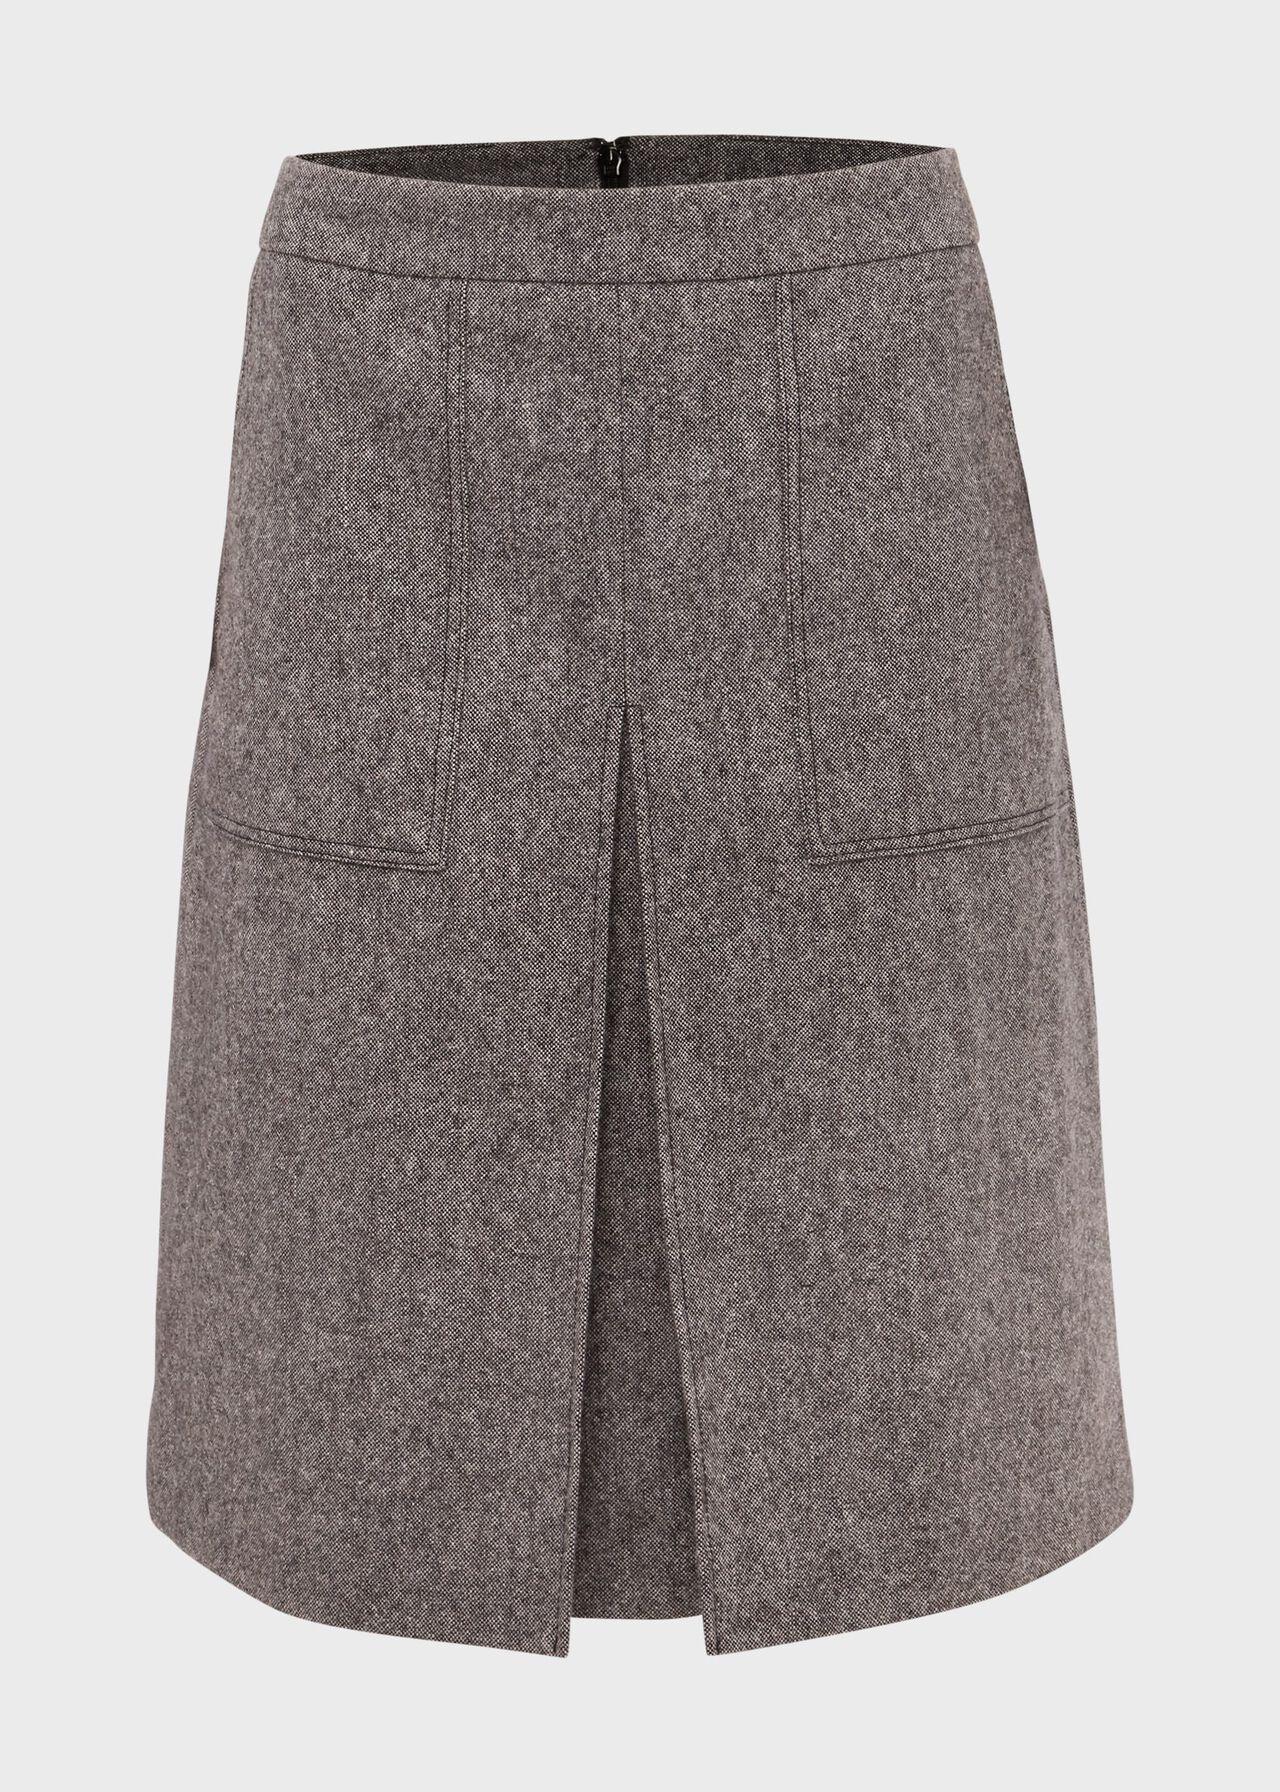 Callie Wool Blend A Line Skirt Grey